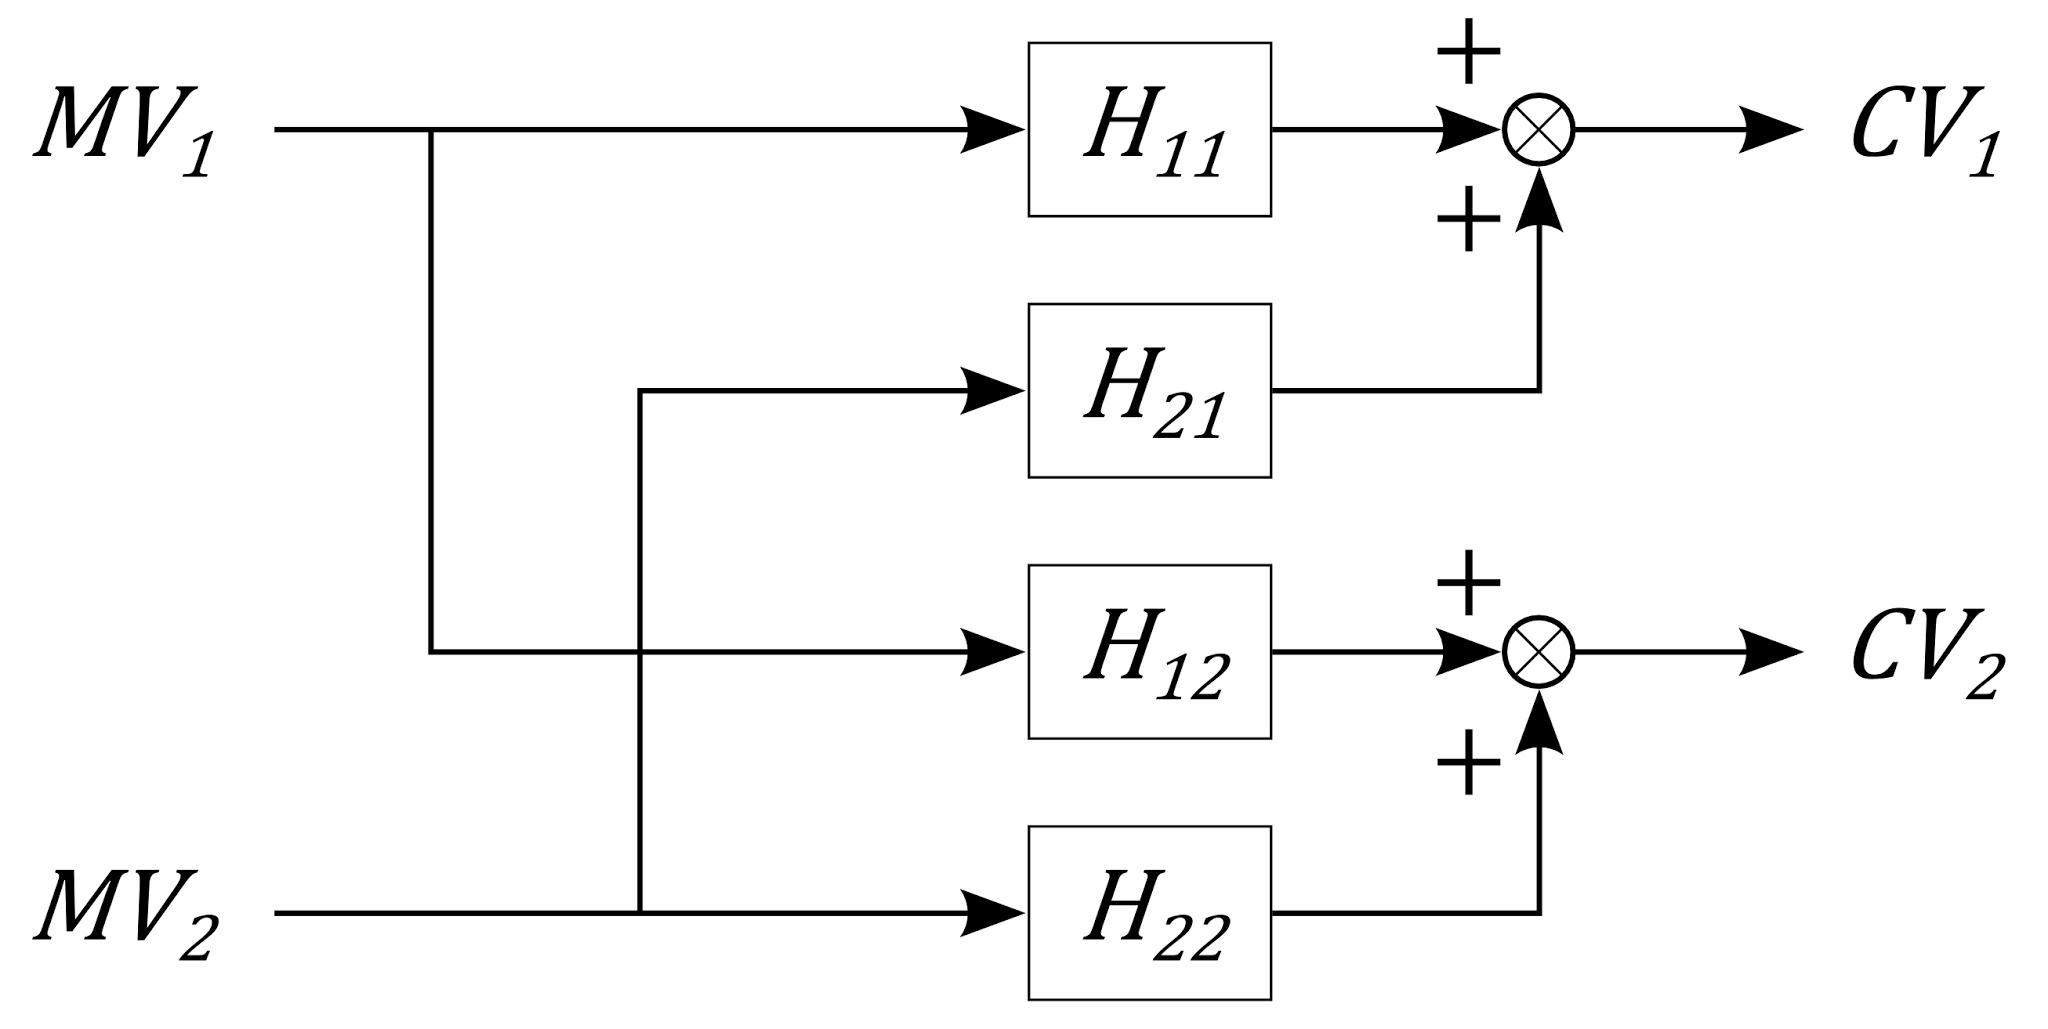 MIMO process